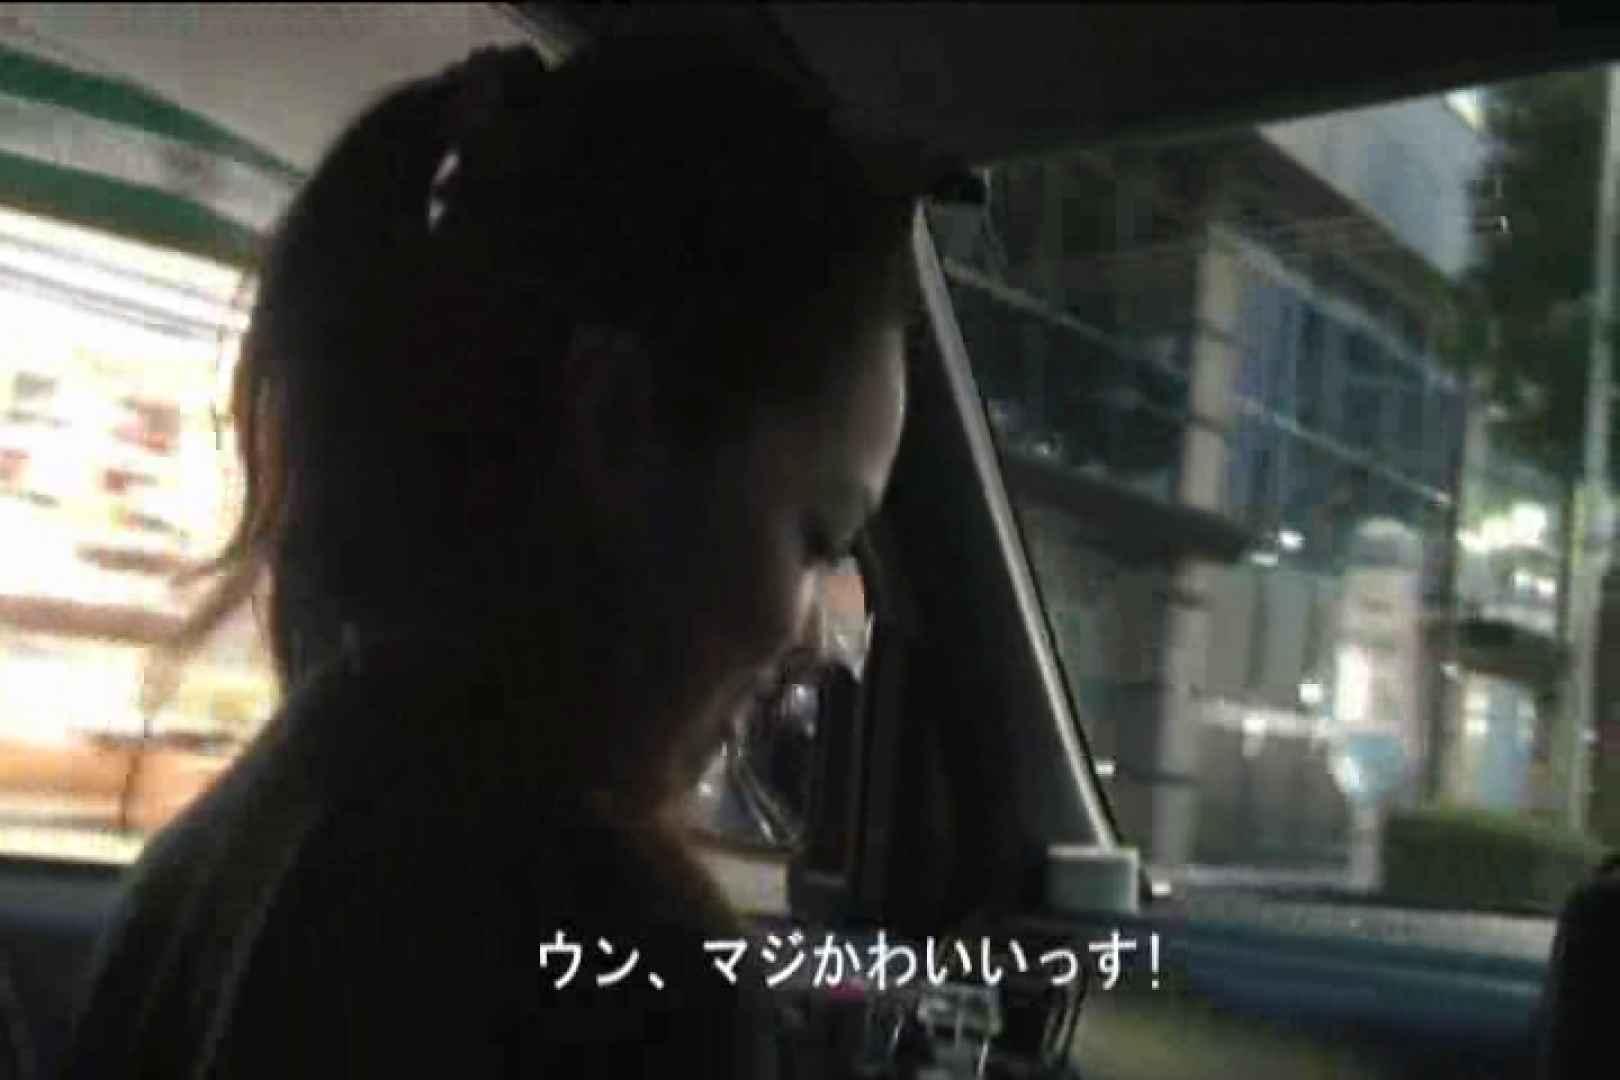 車内で初めまして! vol01 盗撮シリーズ オメコ無修正動画無料 102PIX 26